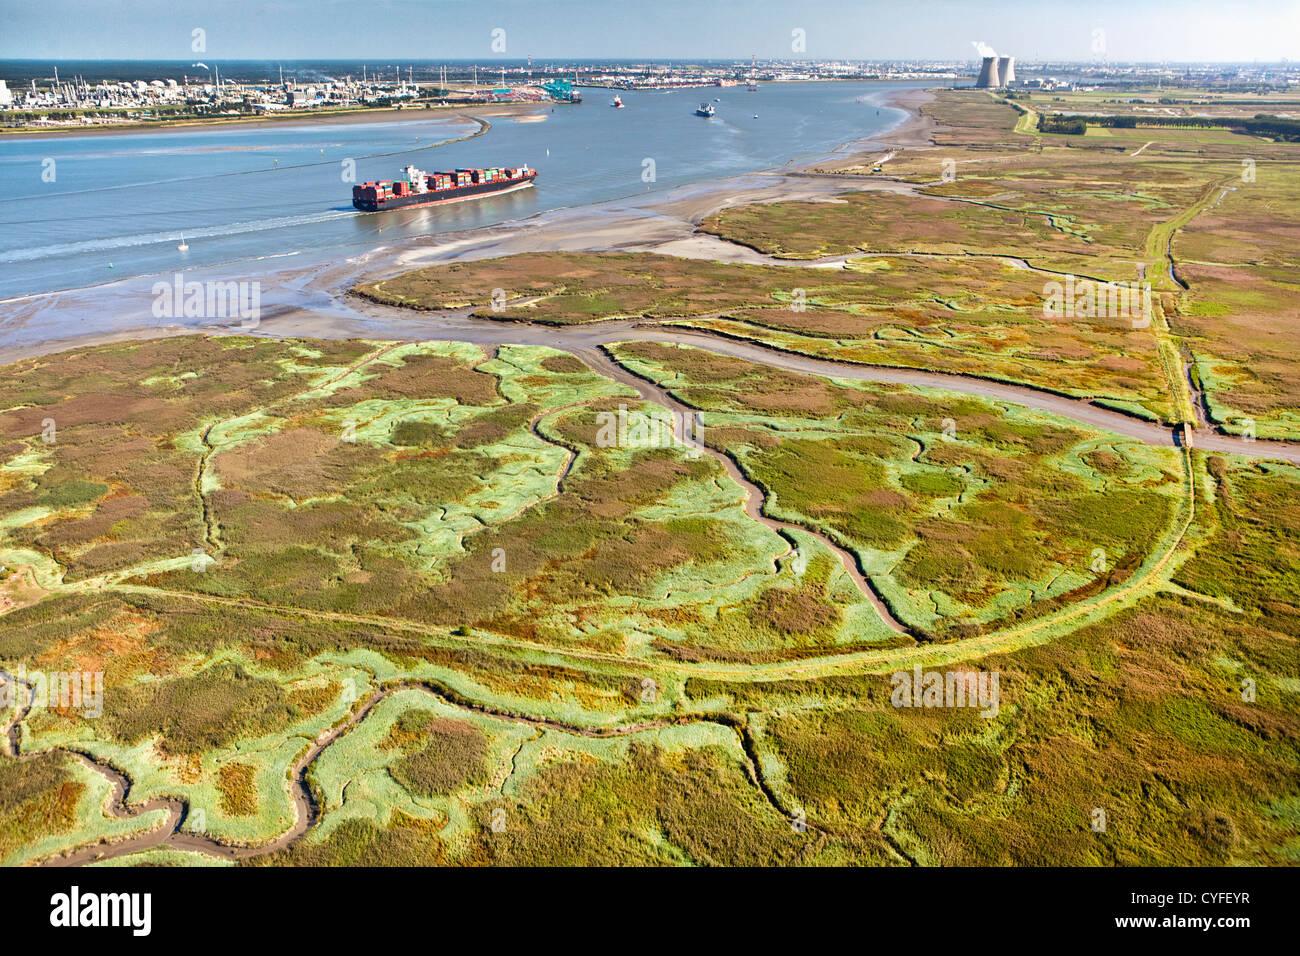 The Netherlands, Nieuw Namen, Container boat in Westerschelde river. Industrial area of Antwerp ( Belgium ) and - Stock Image